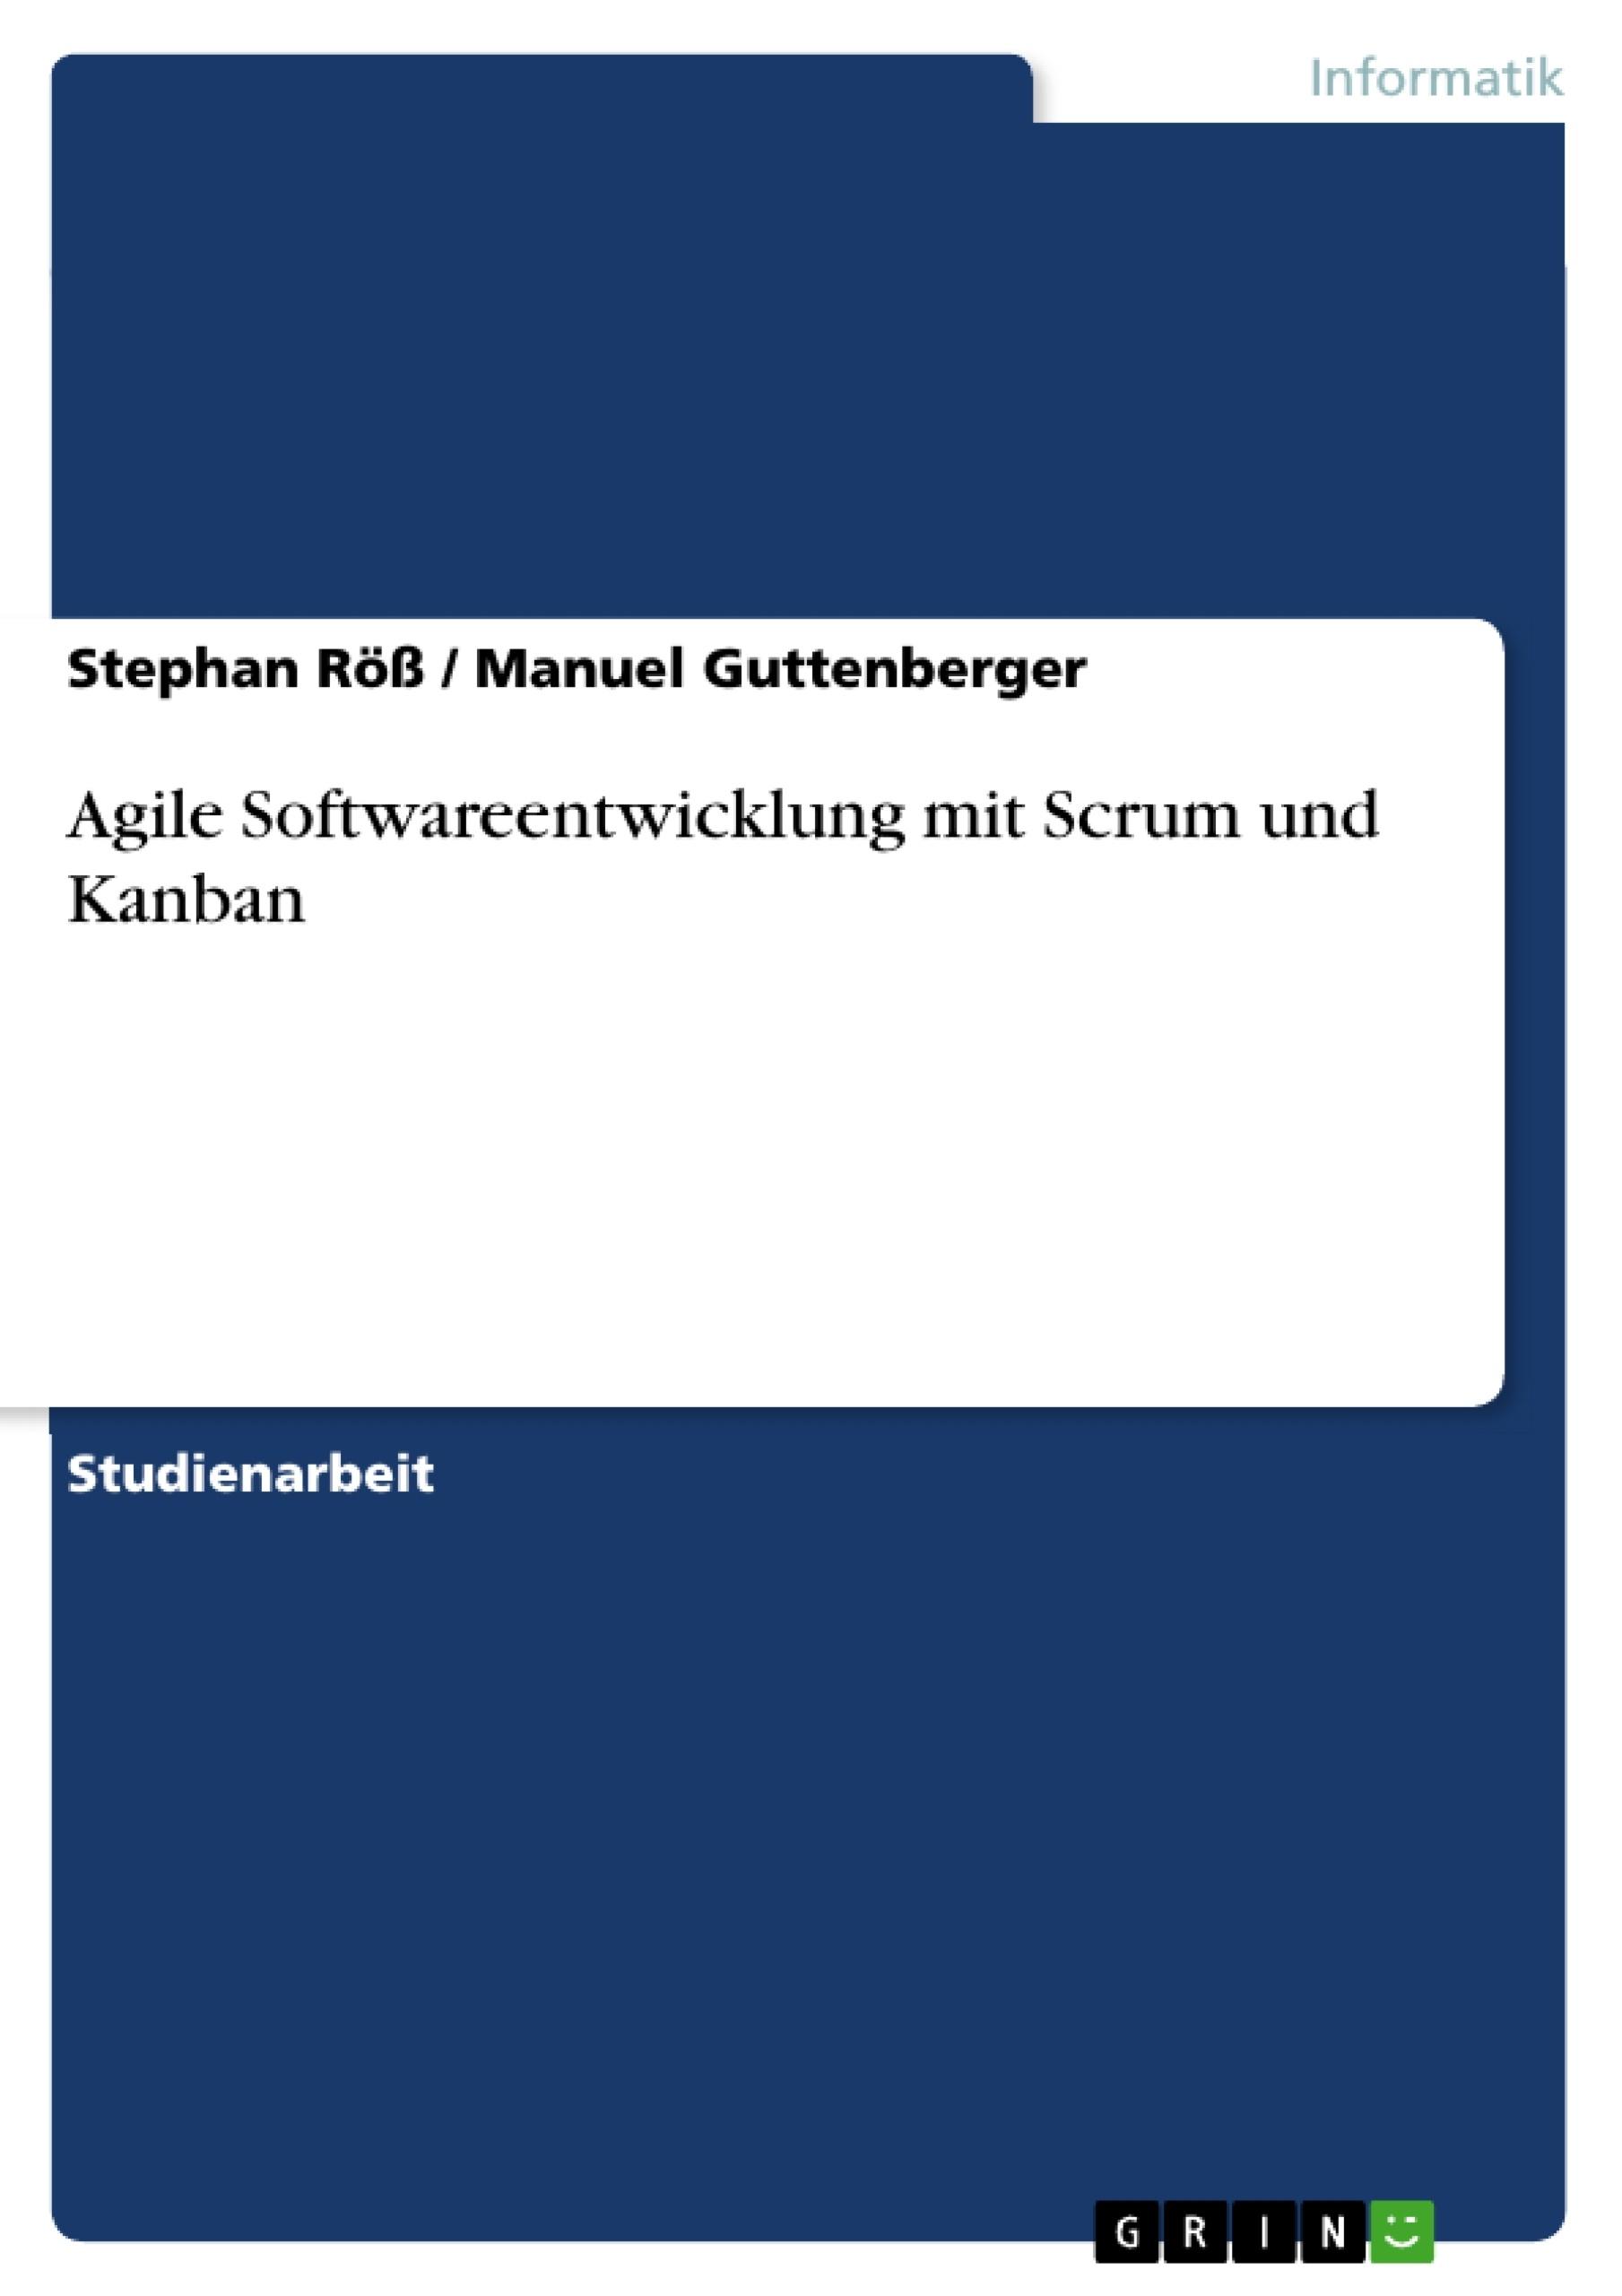 Titel: Agile Softwareentwicklung mit Scrum und Kanban